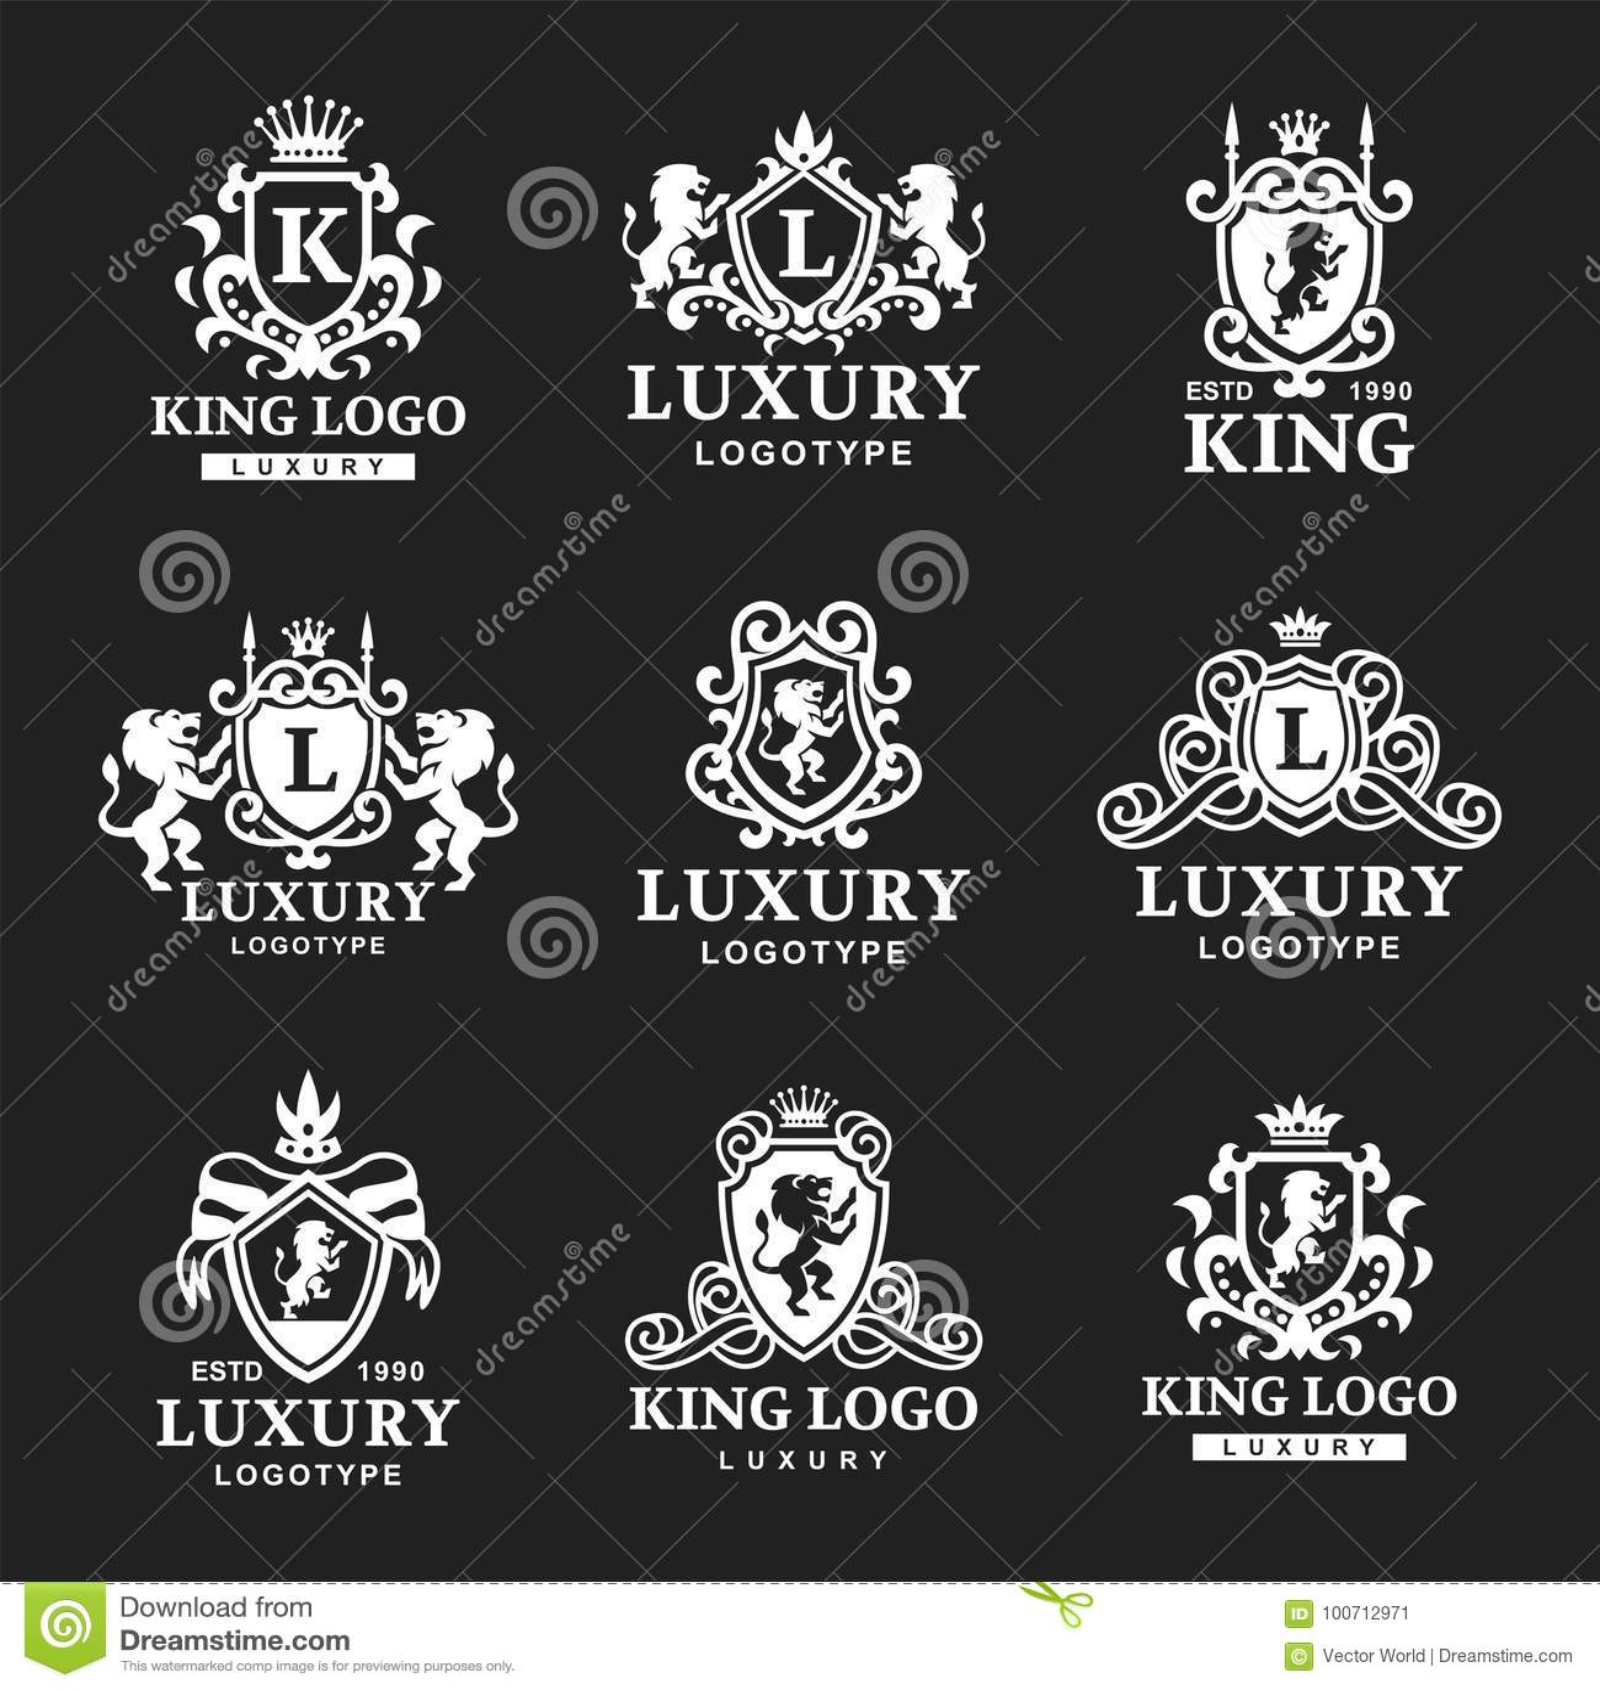 Ejemplo de alta calidad del vector de la identidad de marca de la colección del logotipo de la heráldica del producto del vintage